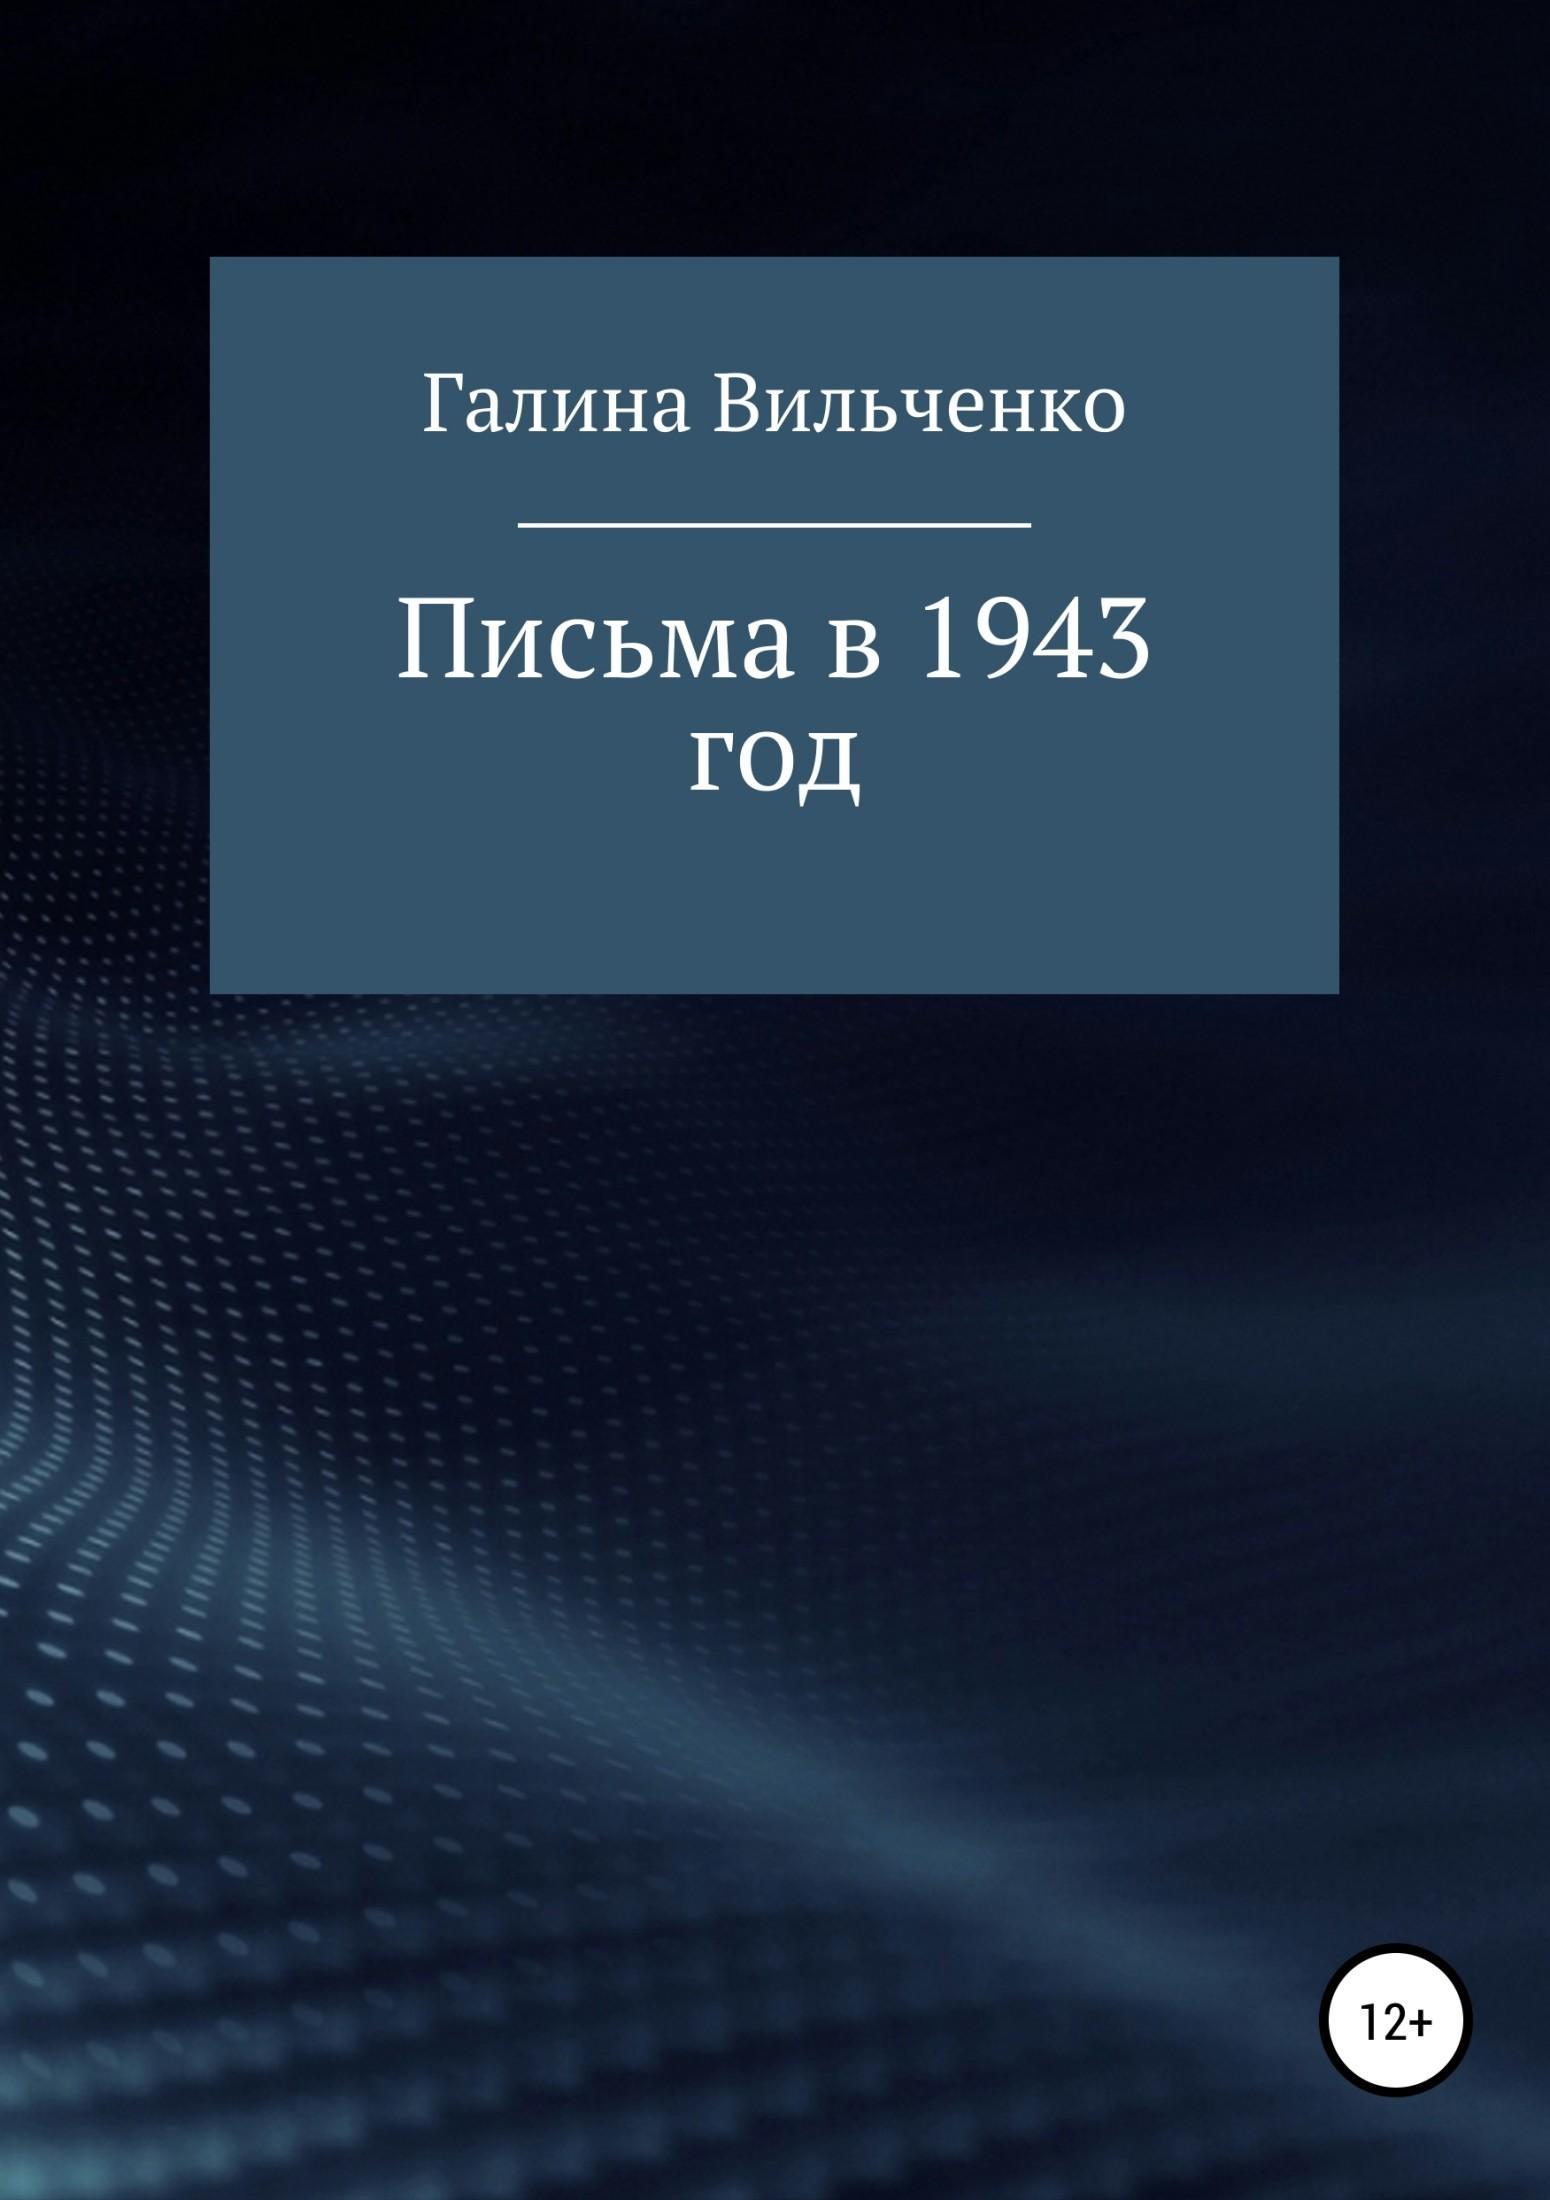 Галина Дмитриевна Вильченко Письма в 1943 год козлов а 14 й гренадерский грузинский полк в великой войне 1916 год